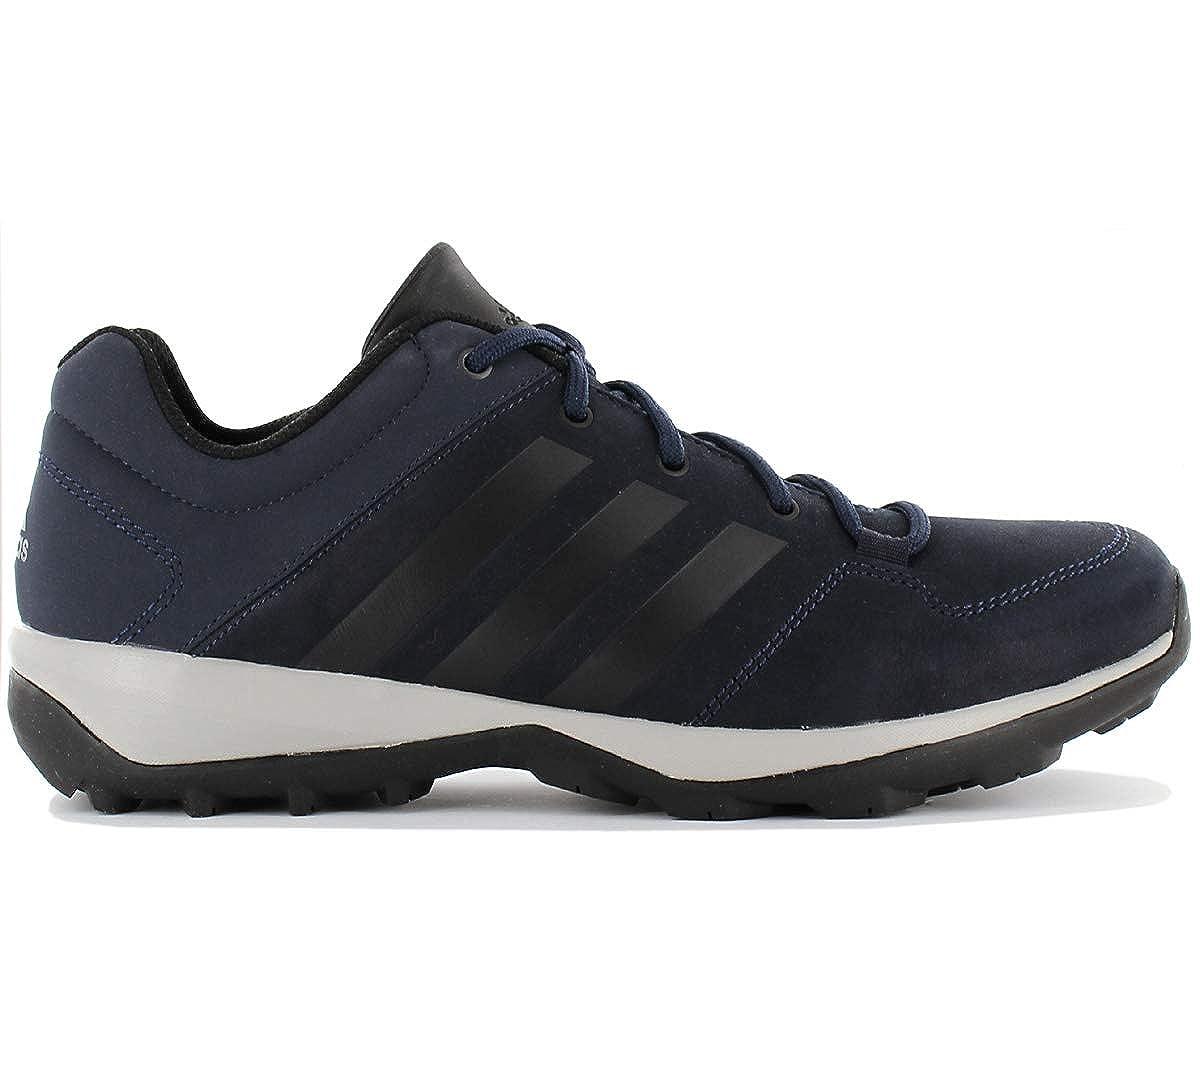 Adidas Turnschuh Sneaker Adidas Daroga Plus AC Blau Gr. 26